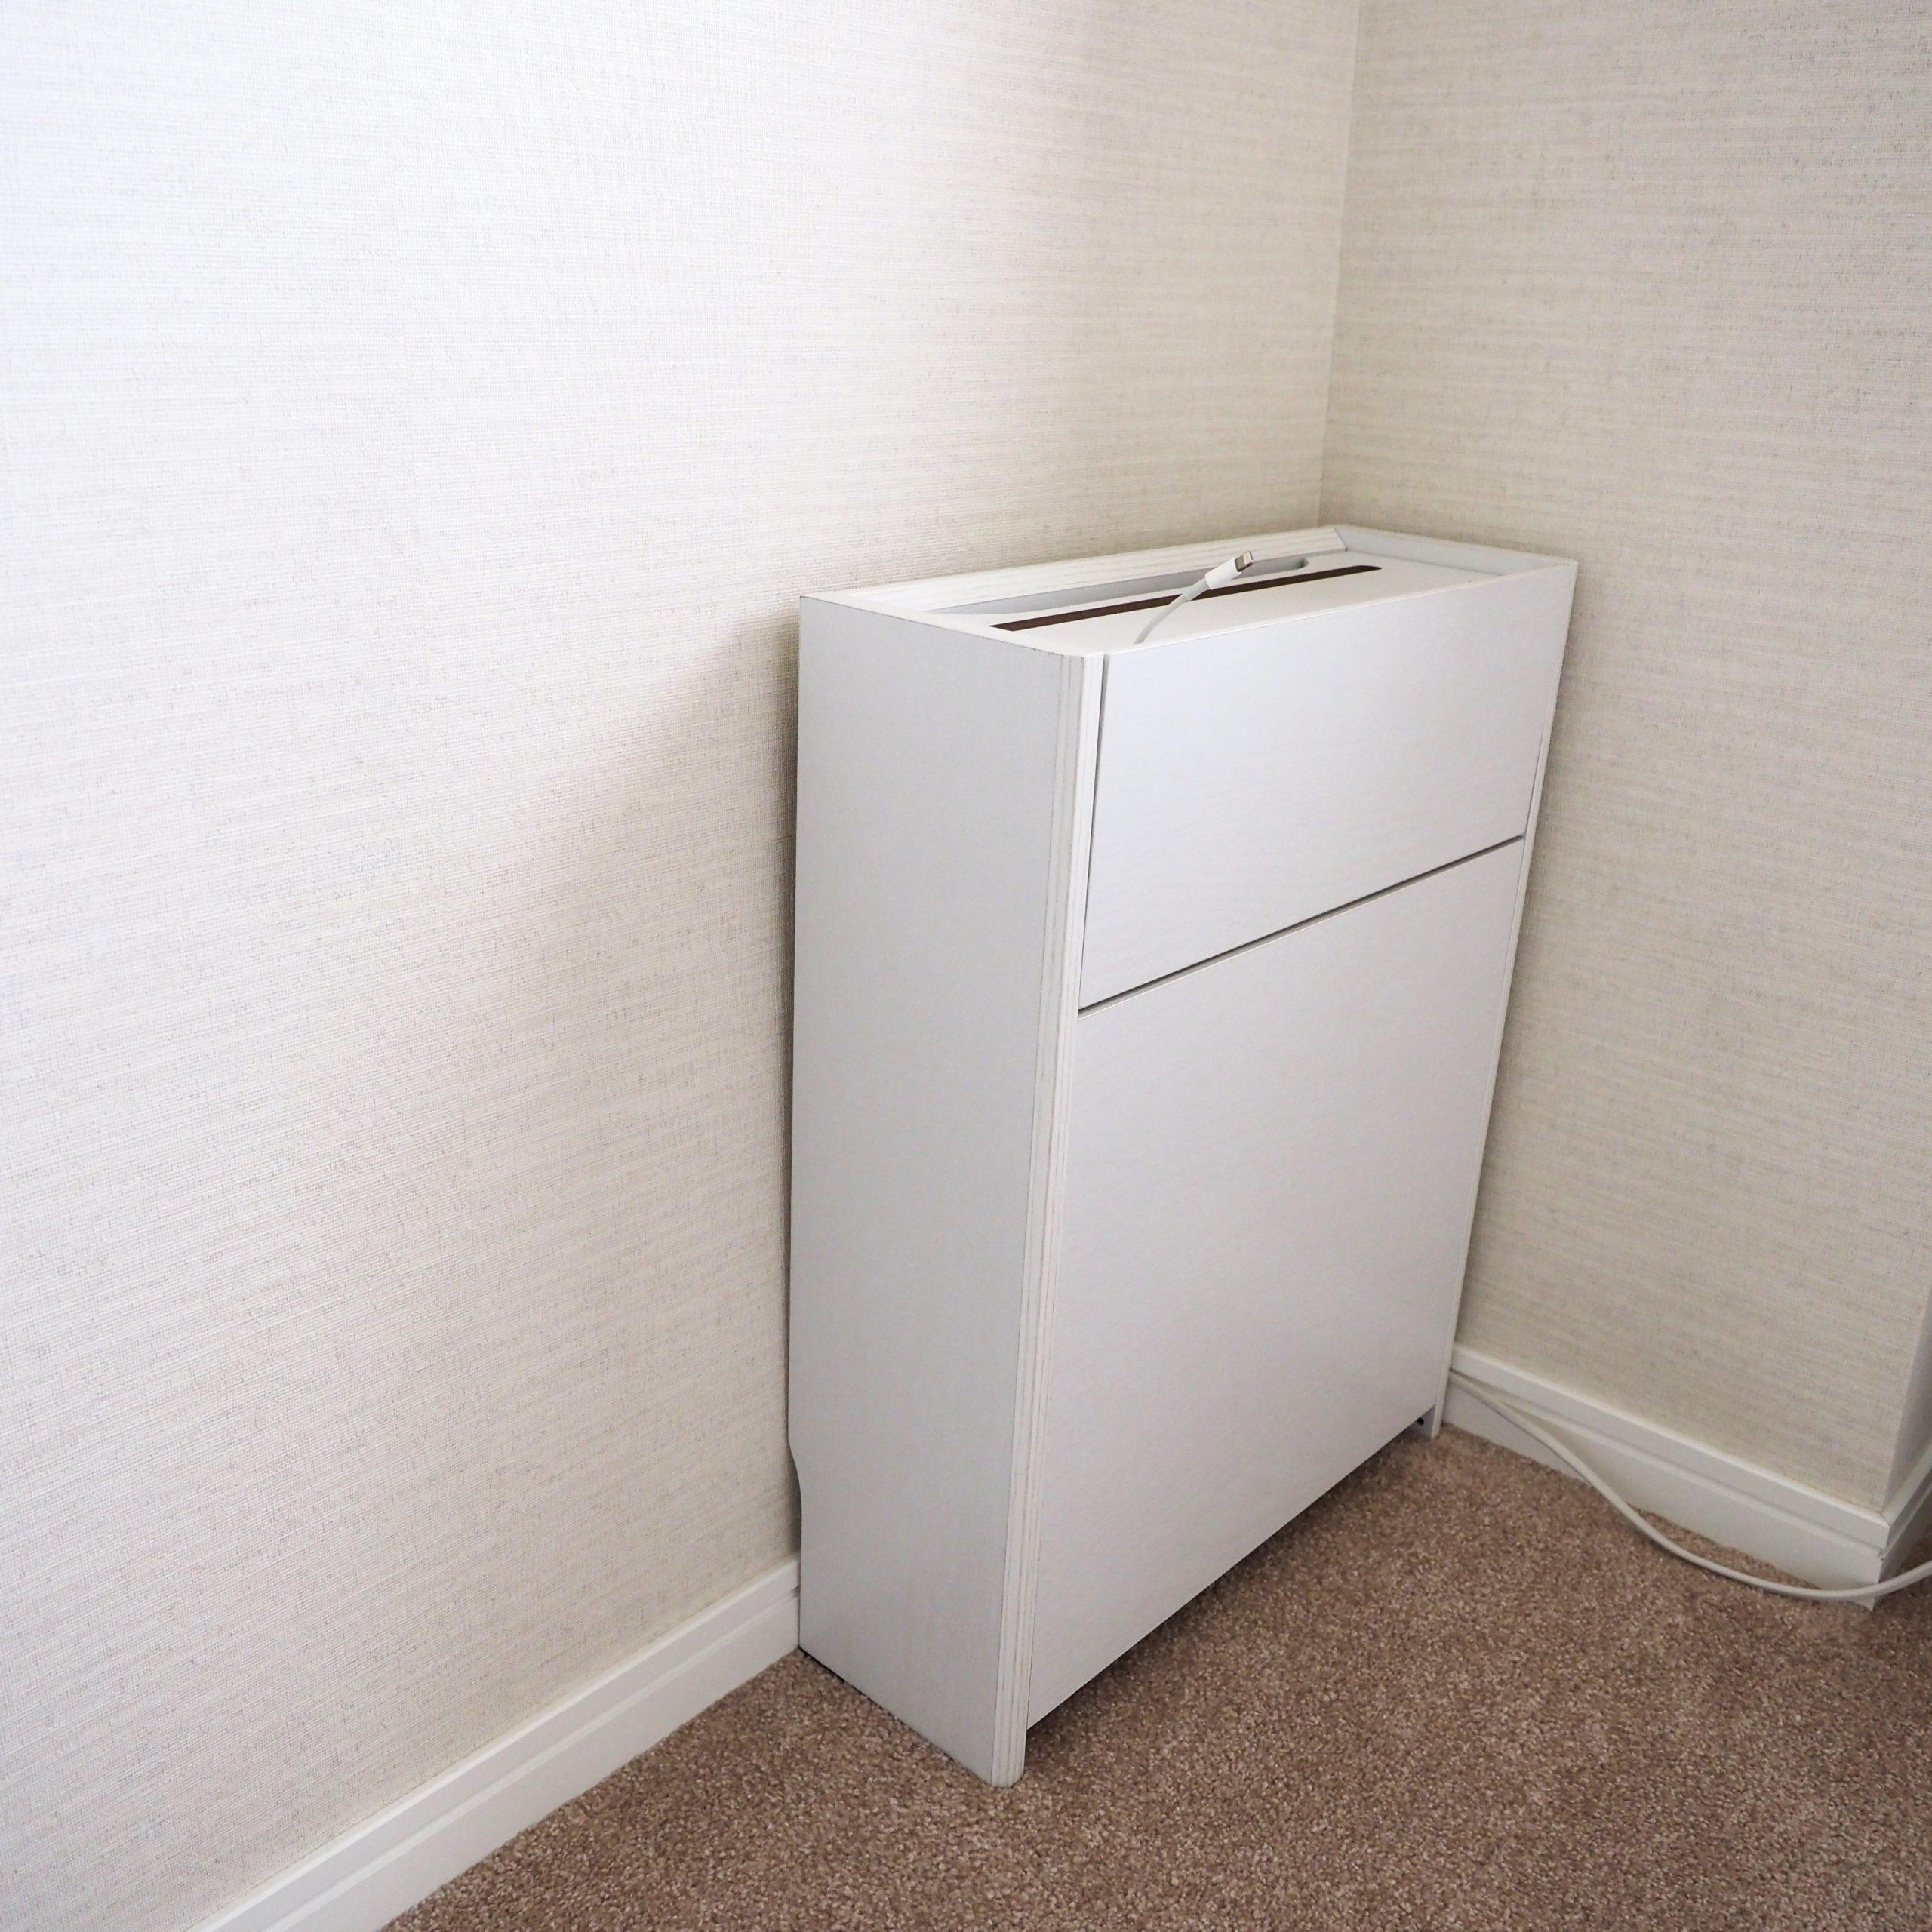 サンワダイレクト200-CB017のホワイト